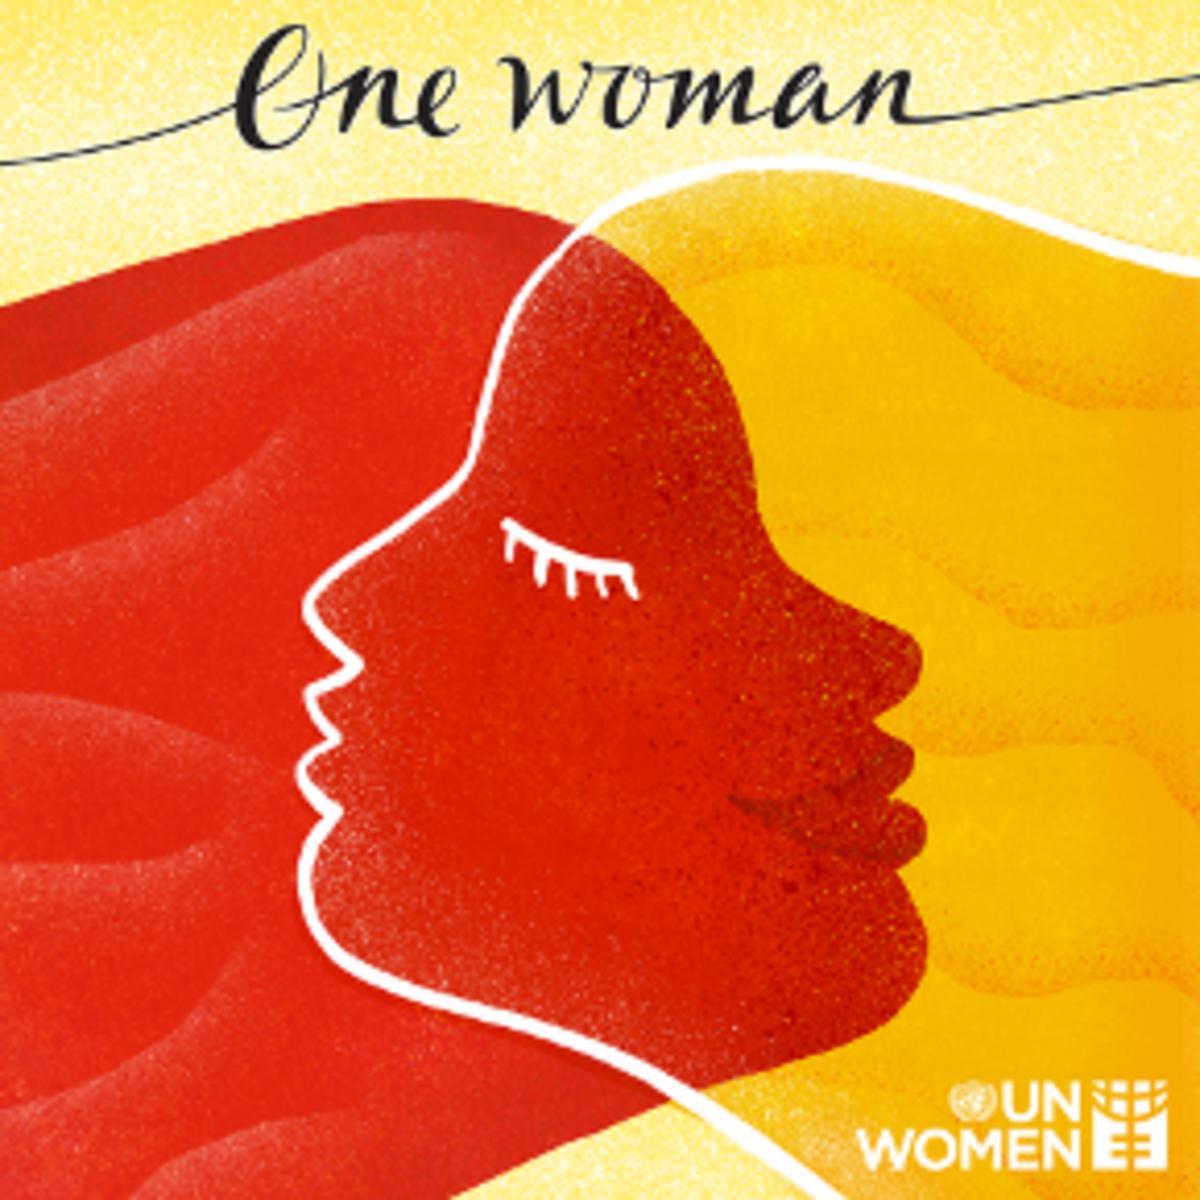 Ημέρα της Γυναίκας: Ένα τραγούδι για τις γυναίκες του κόσμου (VIDEO) | Newsit.gr